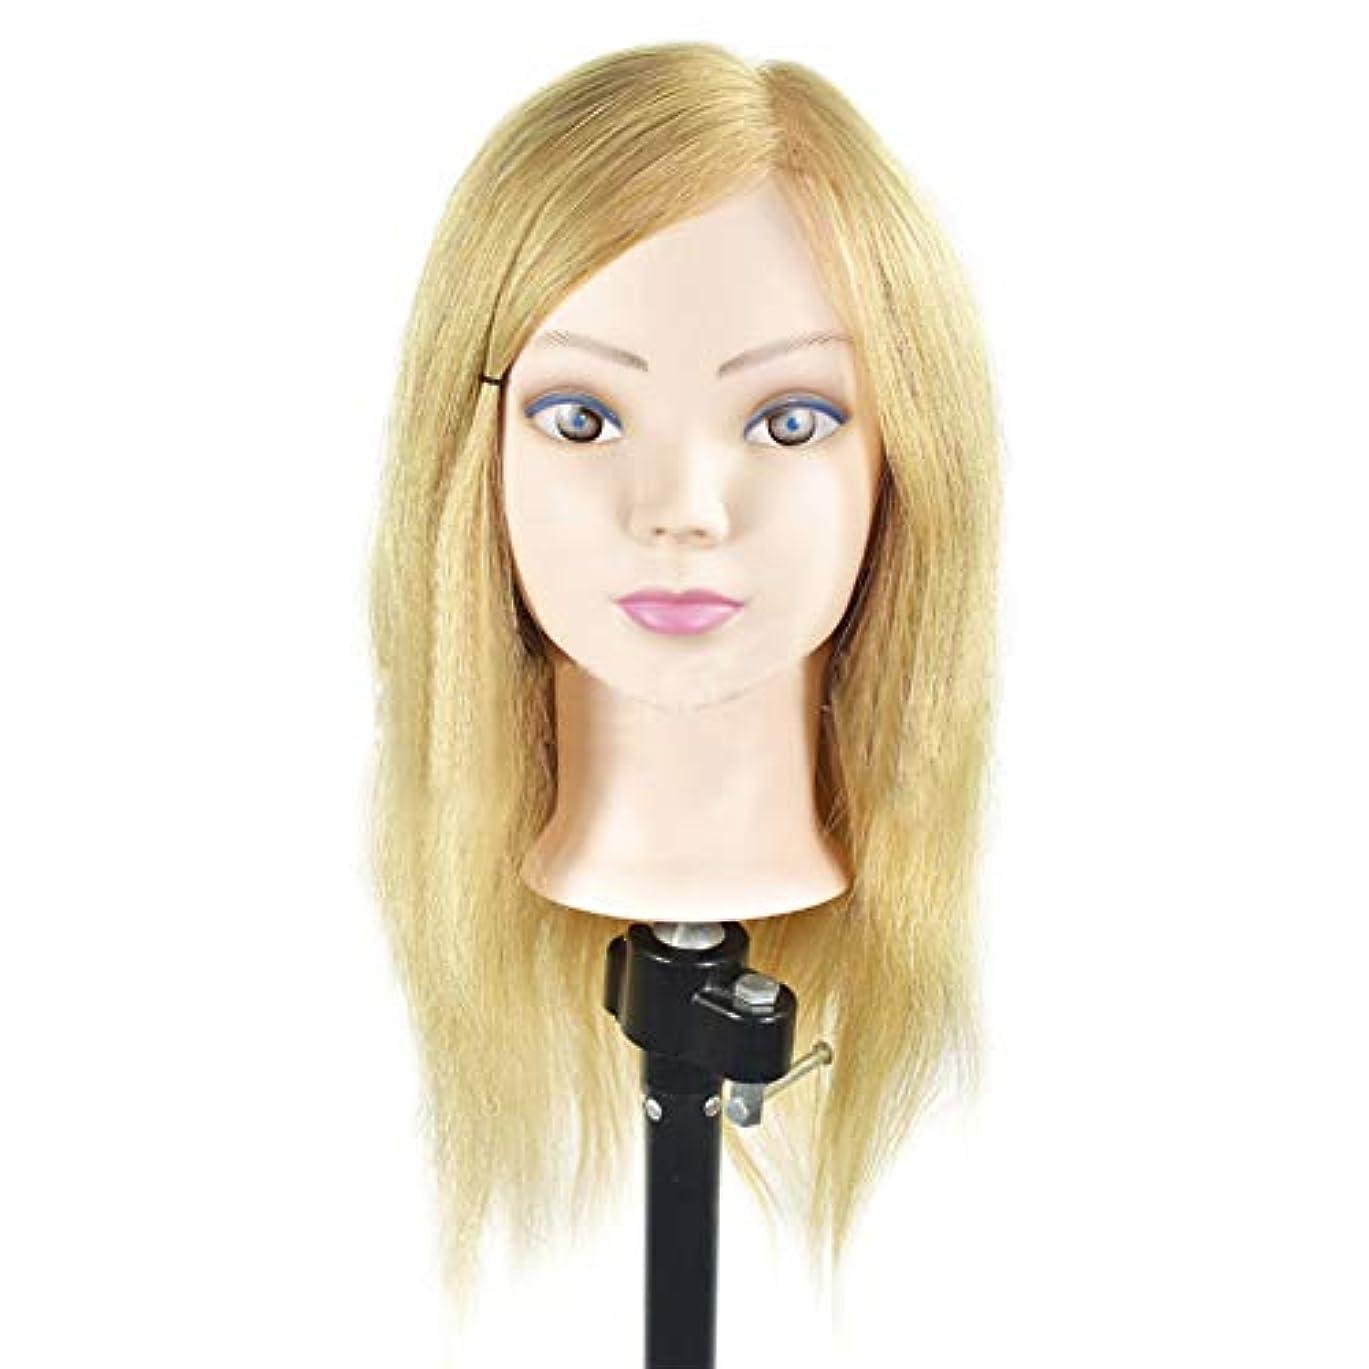 発火する窒息させる危険にさらされている本物の髪髪編組髪ヘアホット染料ヘッド型サロンモデリングウィッグエクササイズヘッド散髪学習ダミーヘッド